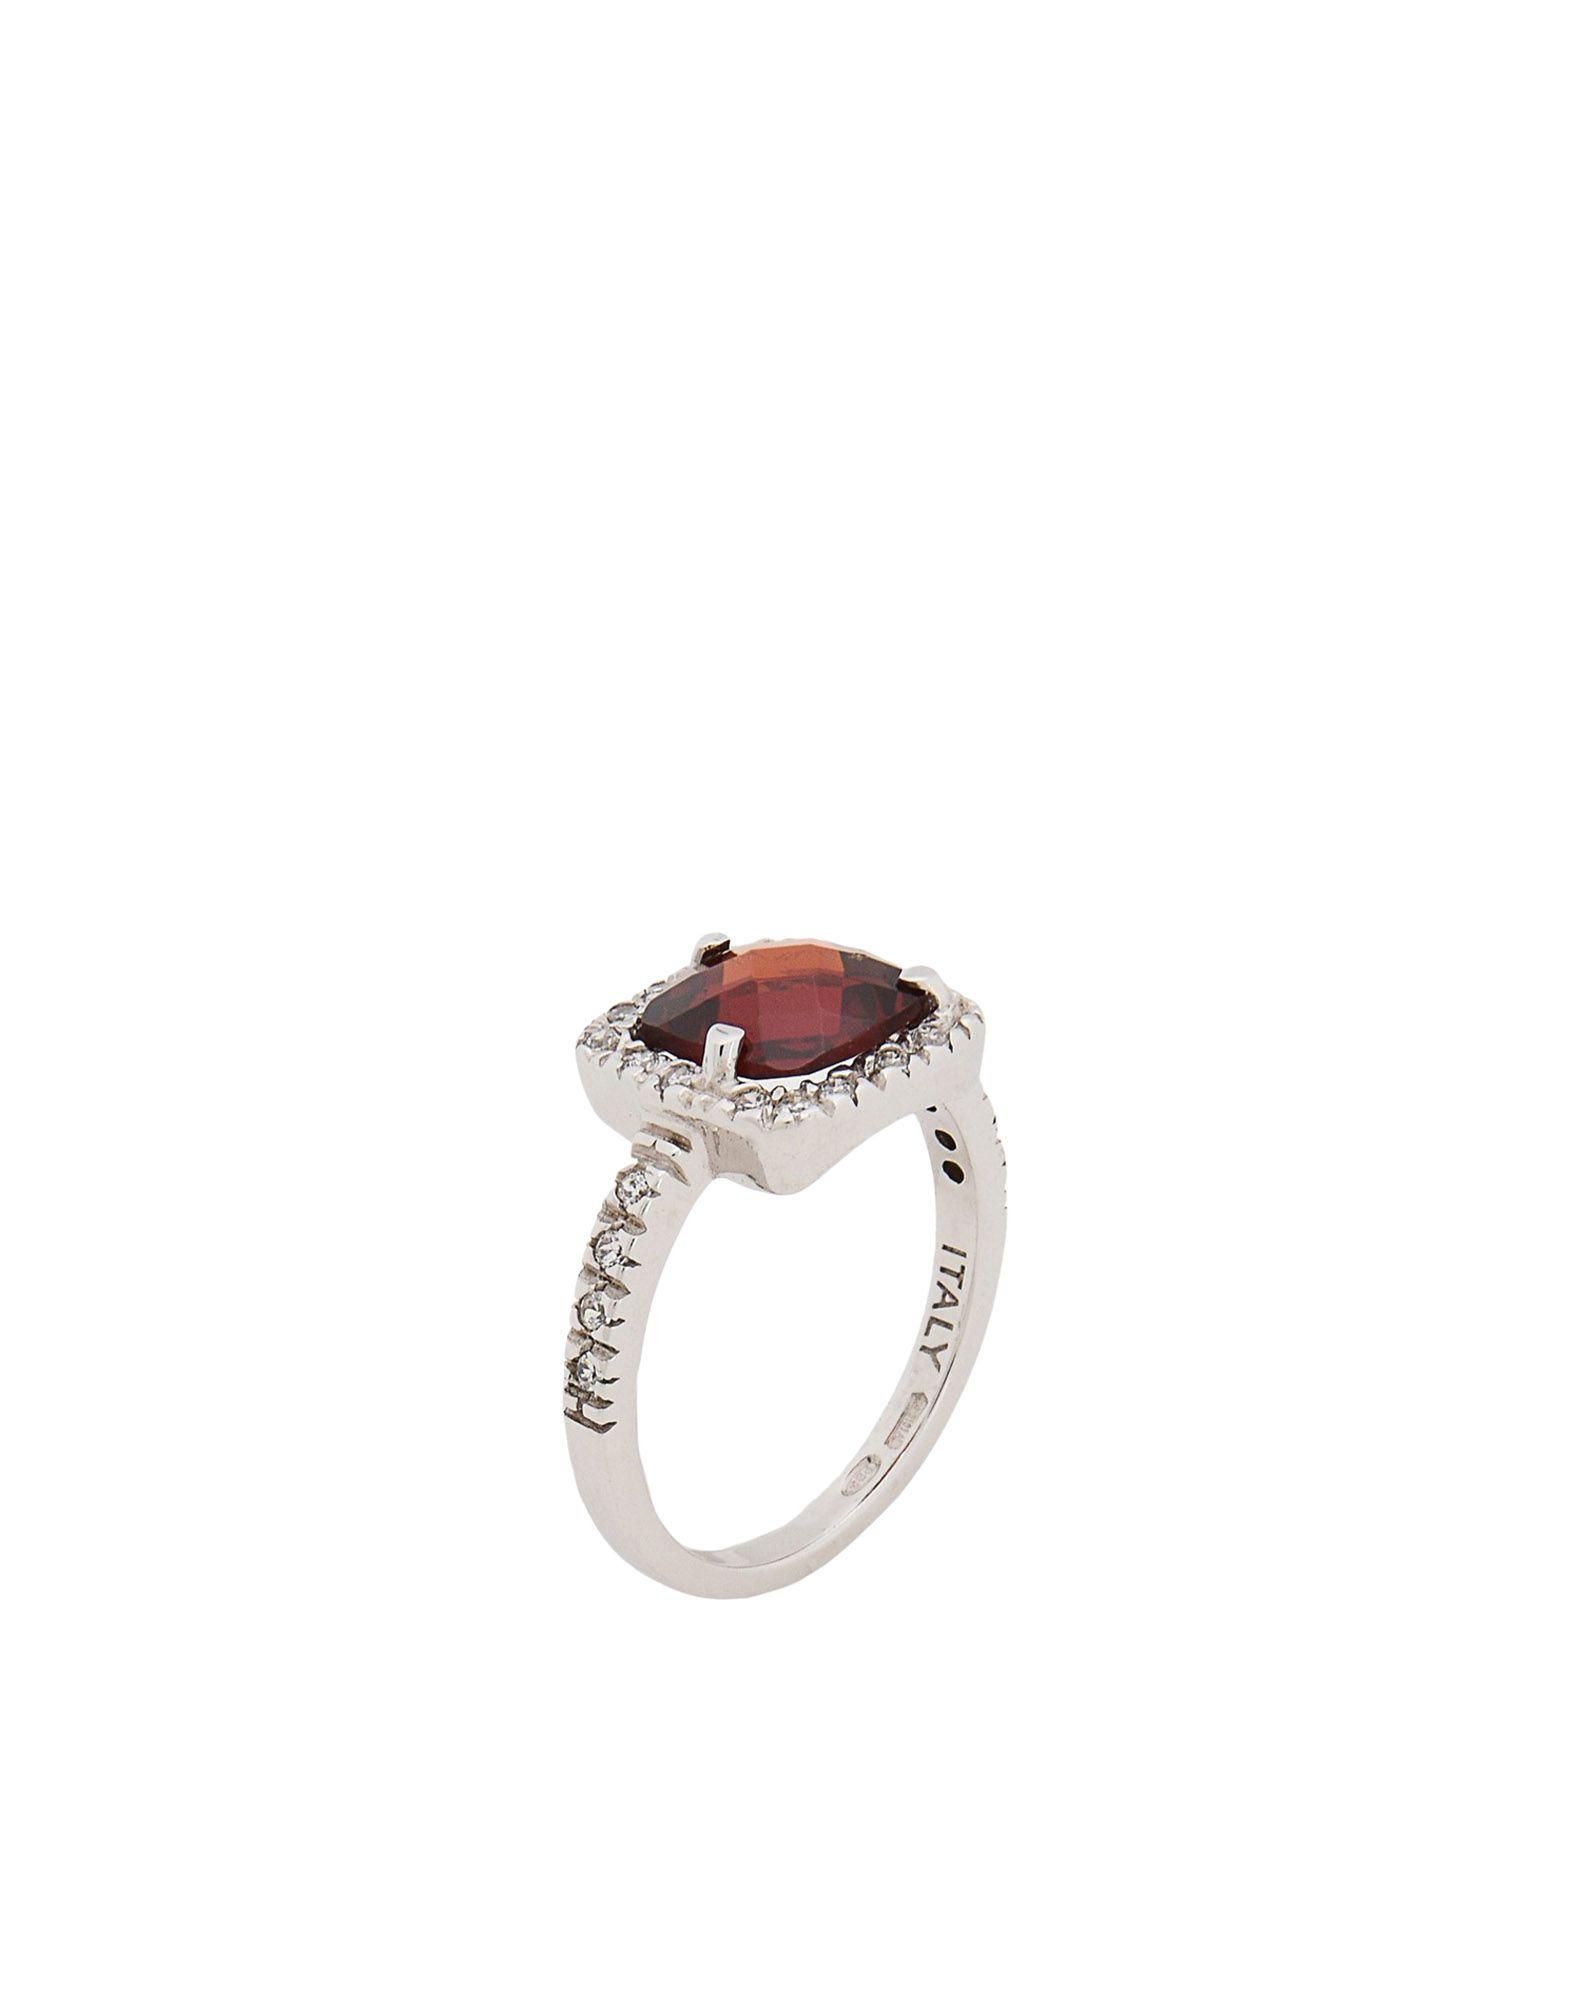 《送料無料》BLISS レディース 指輪 シルバー 12 シルバー925/1000 / キュービックジルコニア / 石